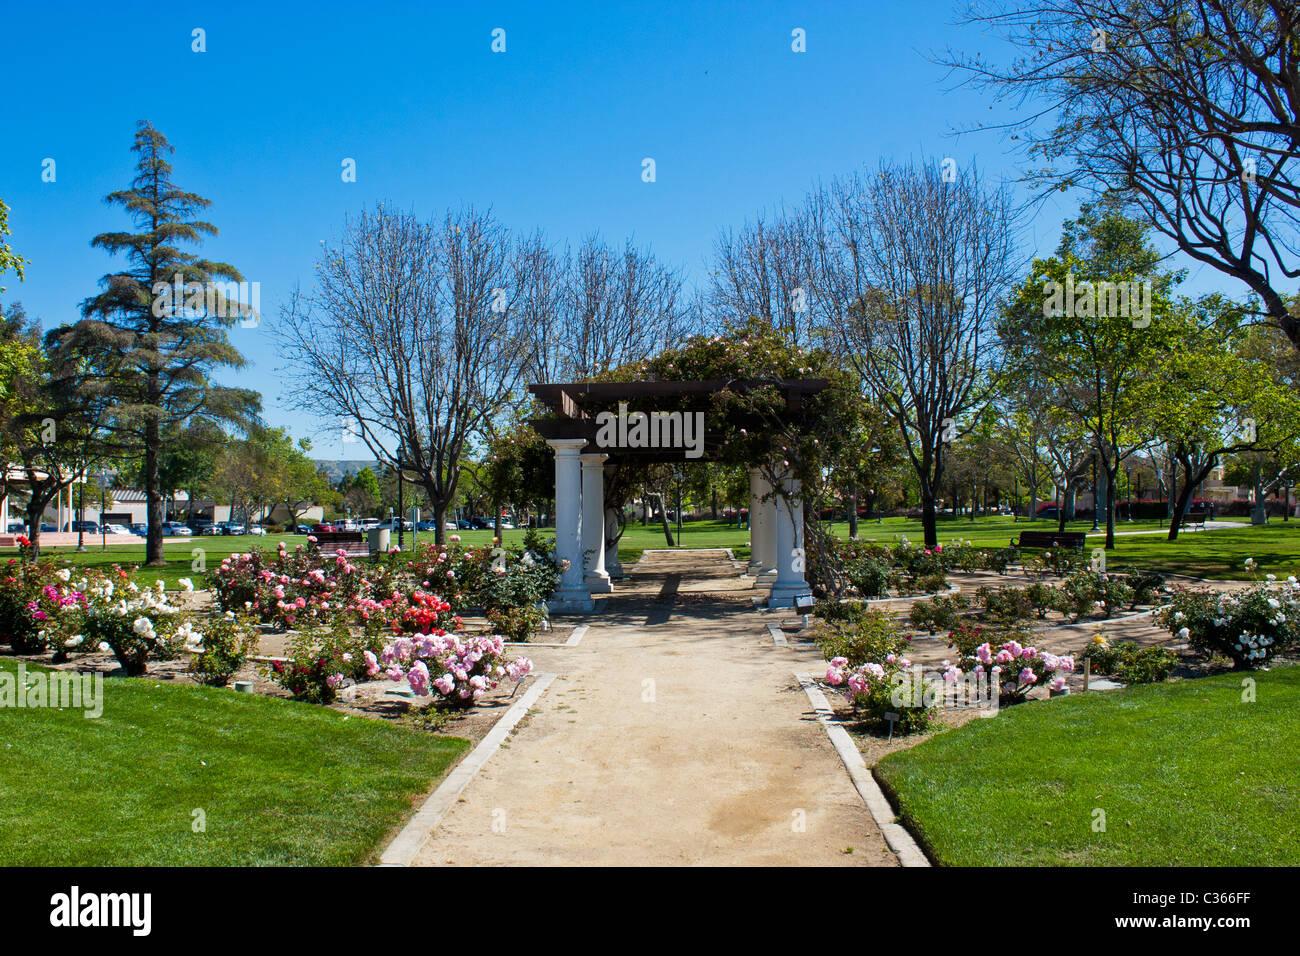 Ein Kleiner Rosengarten Und Arbor In Camarillo Kalifornien City